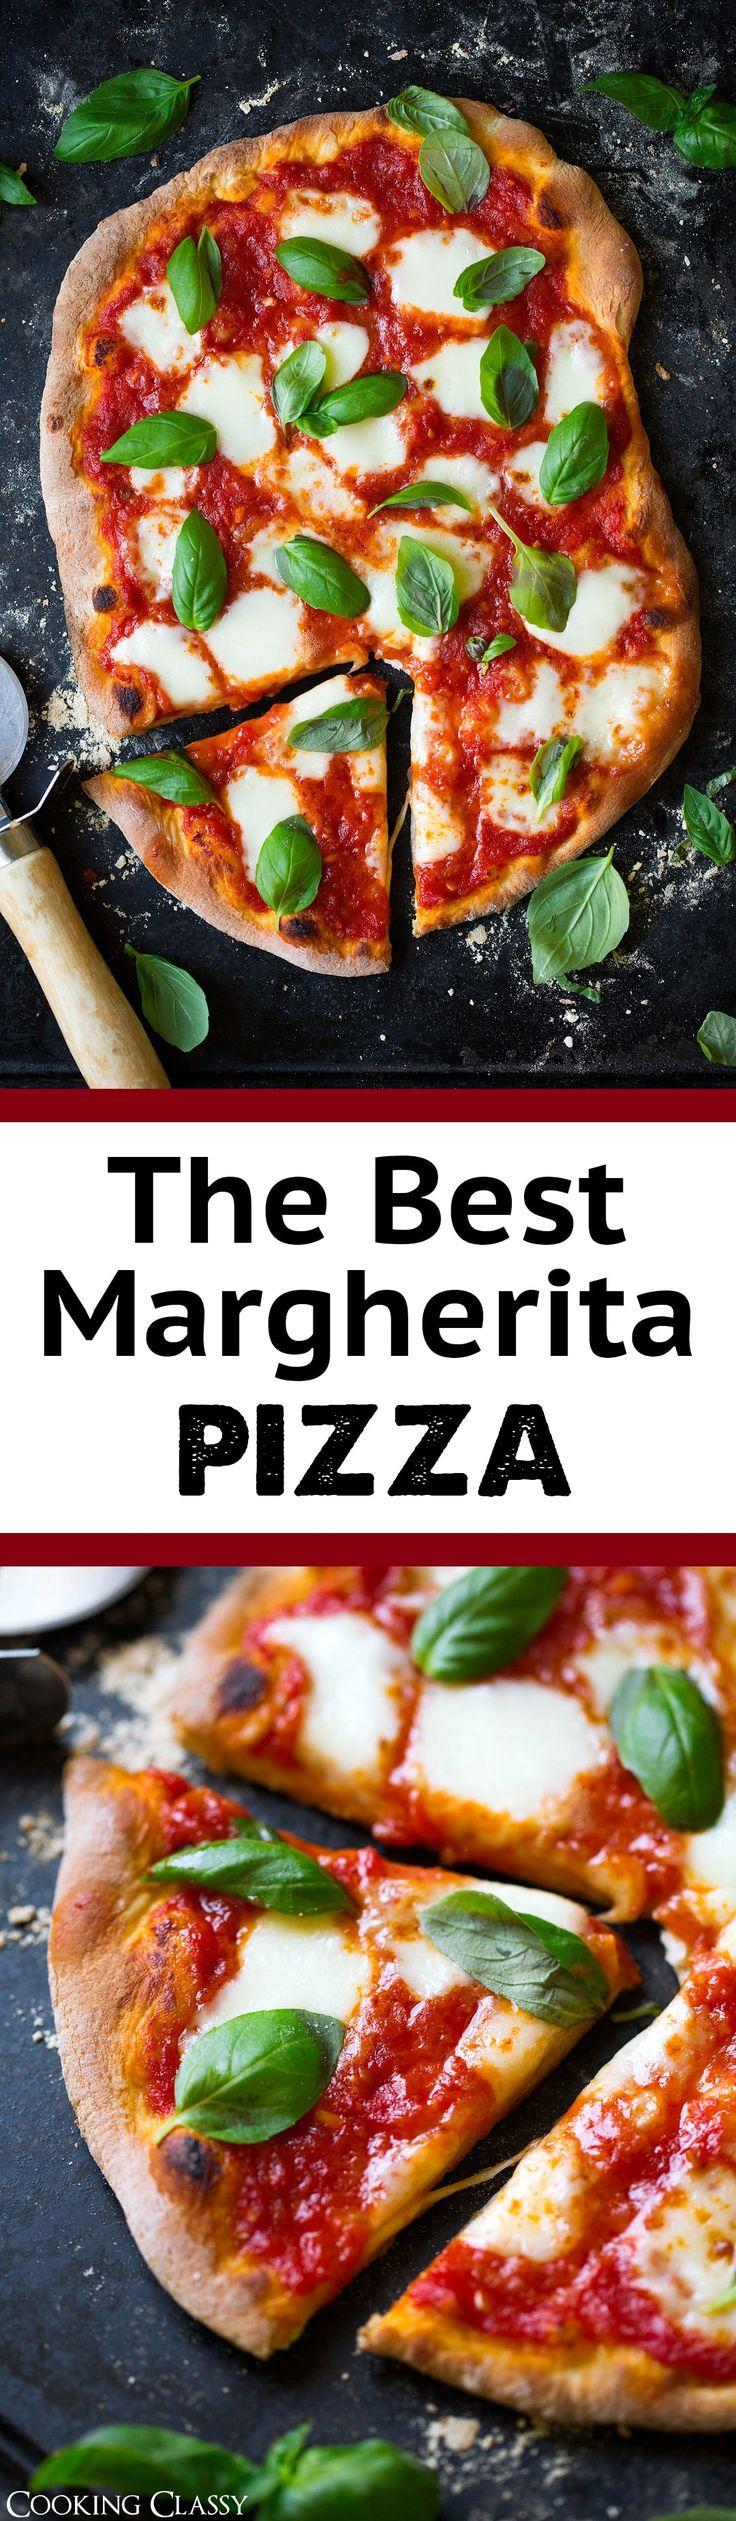 Margherita Pizza has always been one of